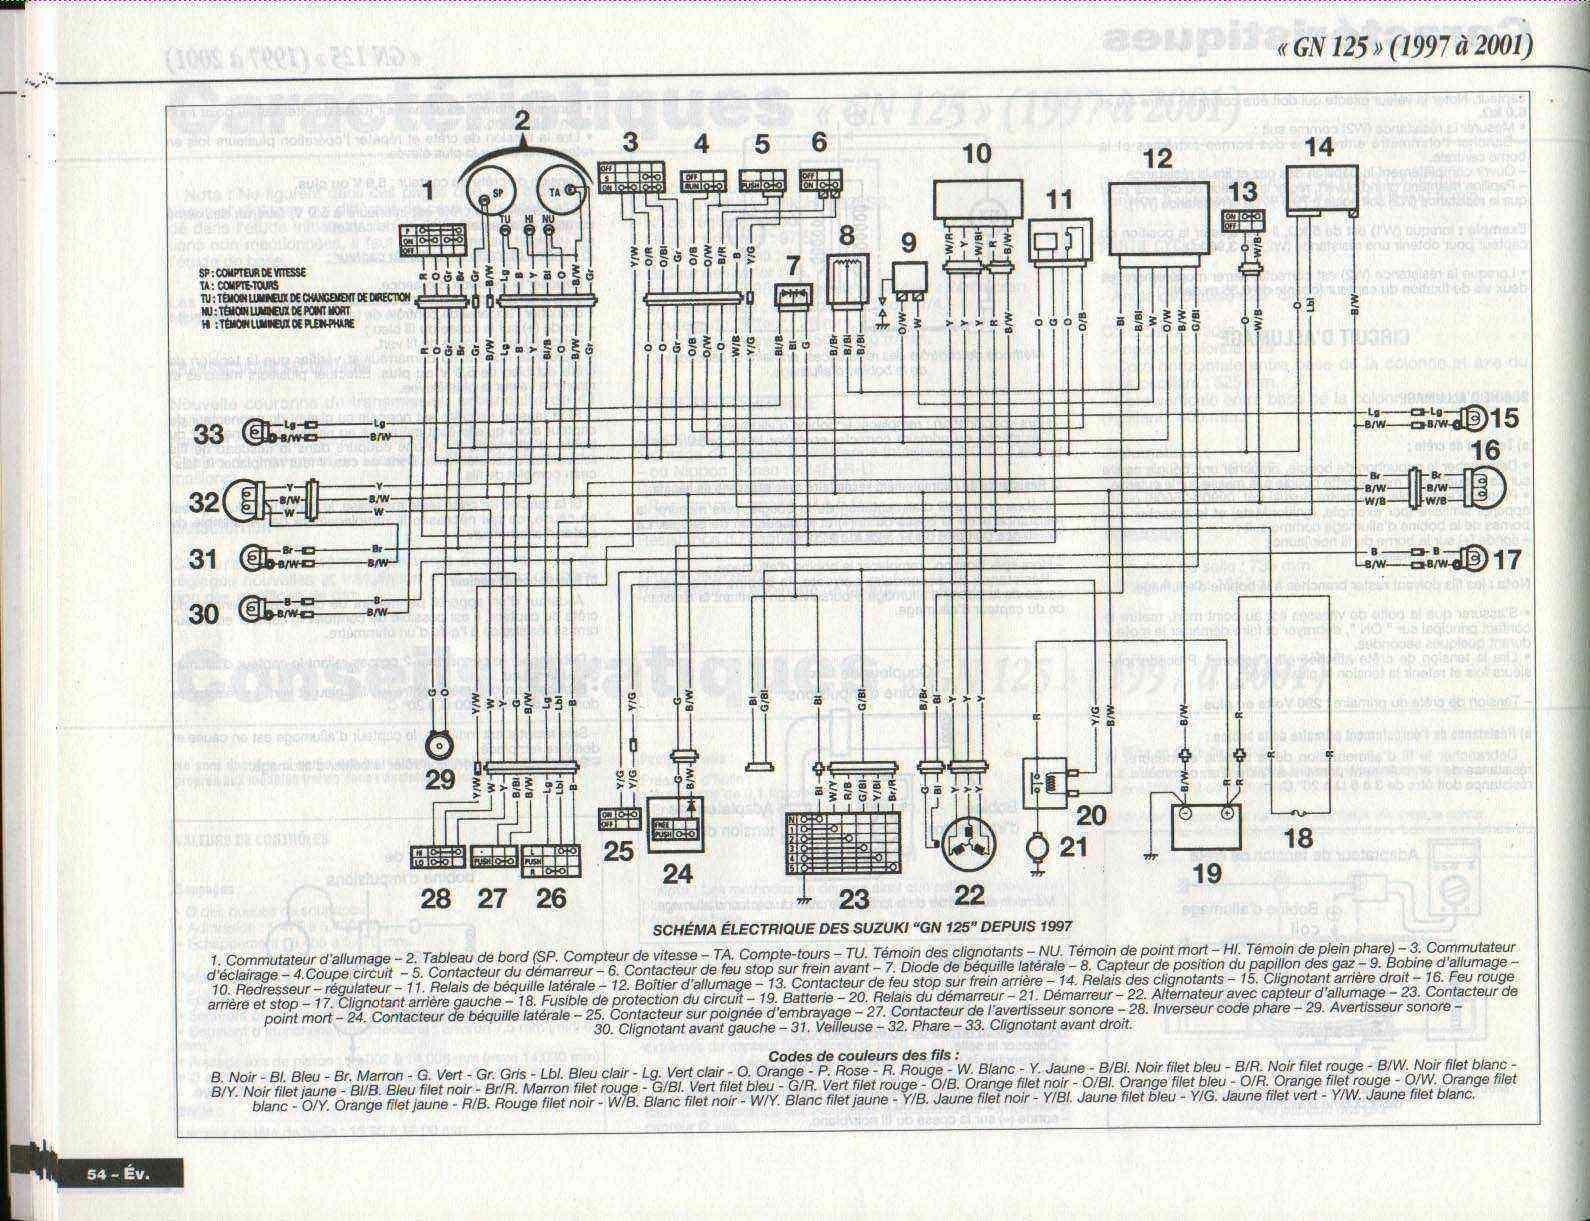 Fantastic Suzuki Bandit Wiring Diagram Crest - The Wire - magnox.info